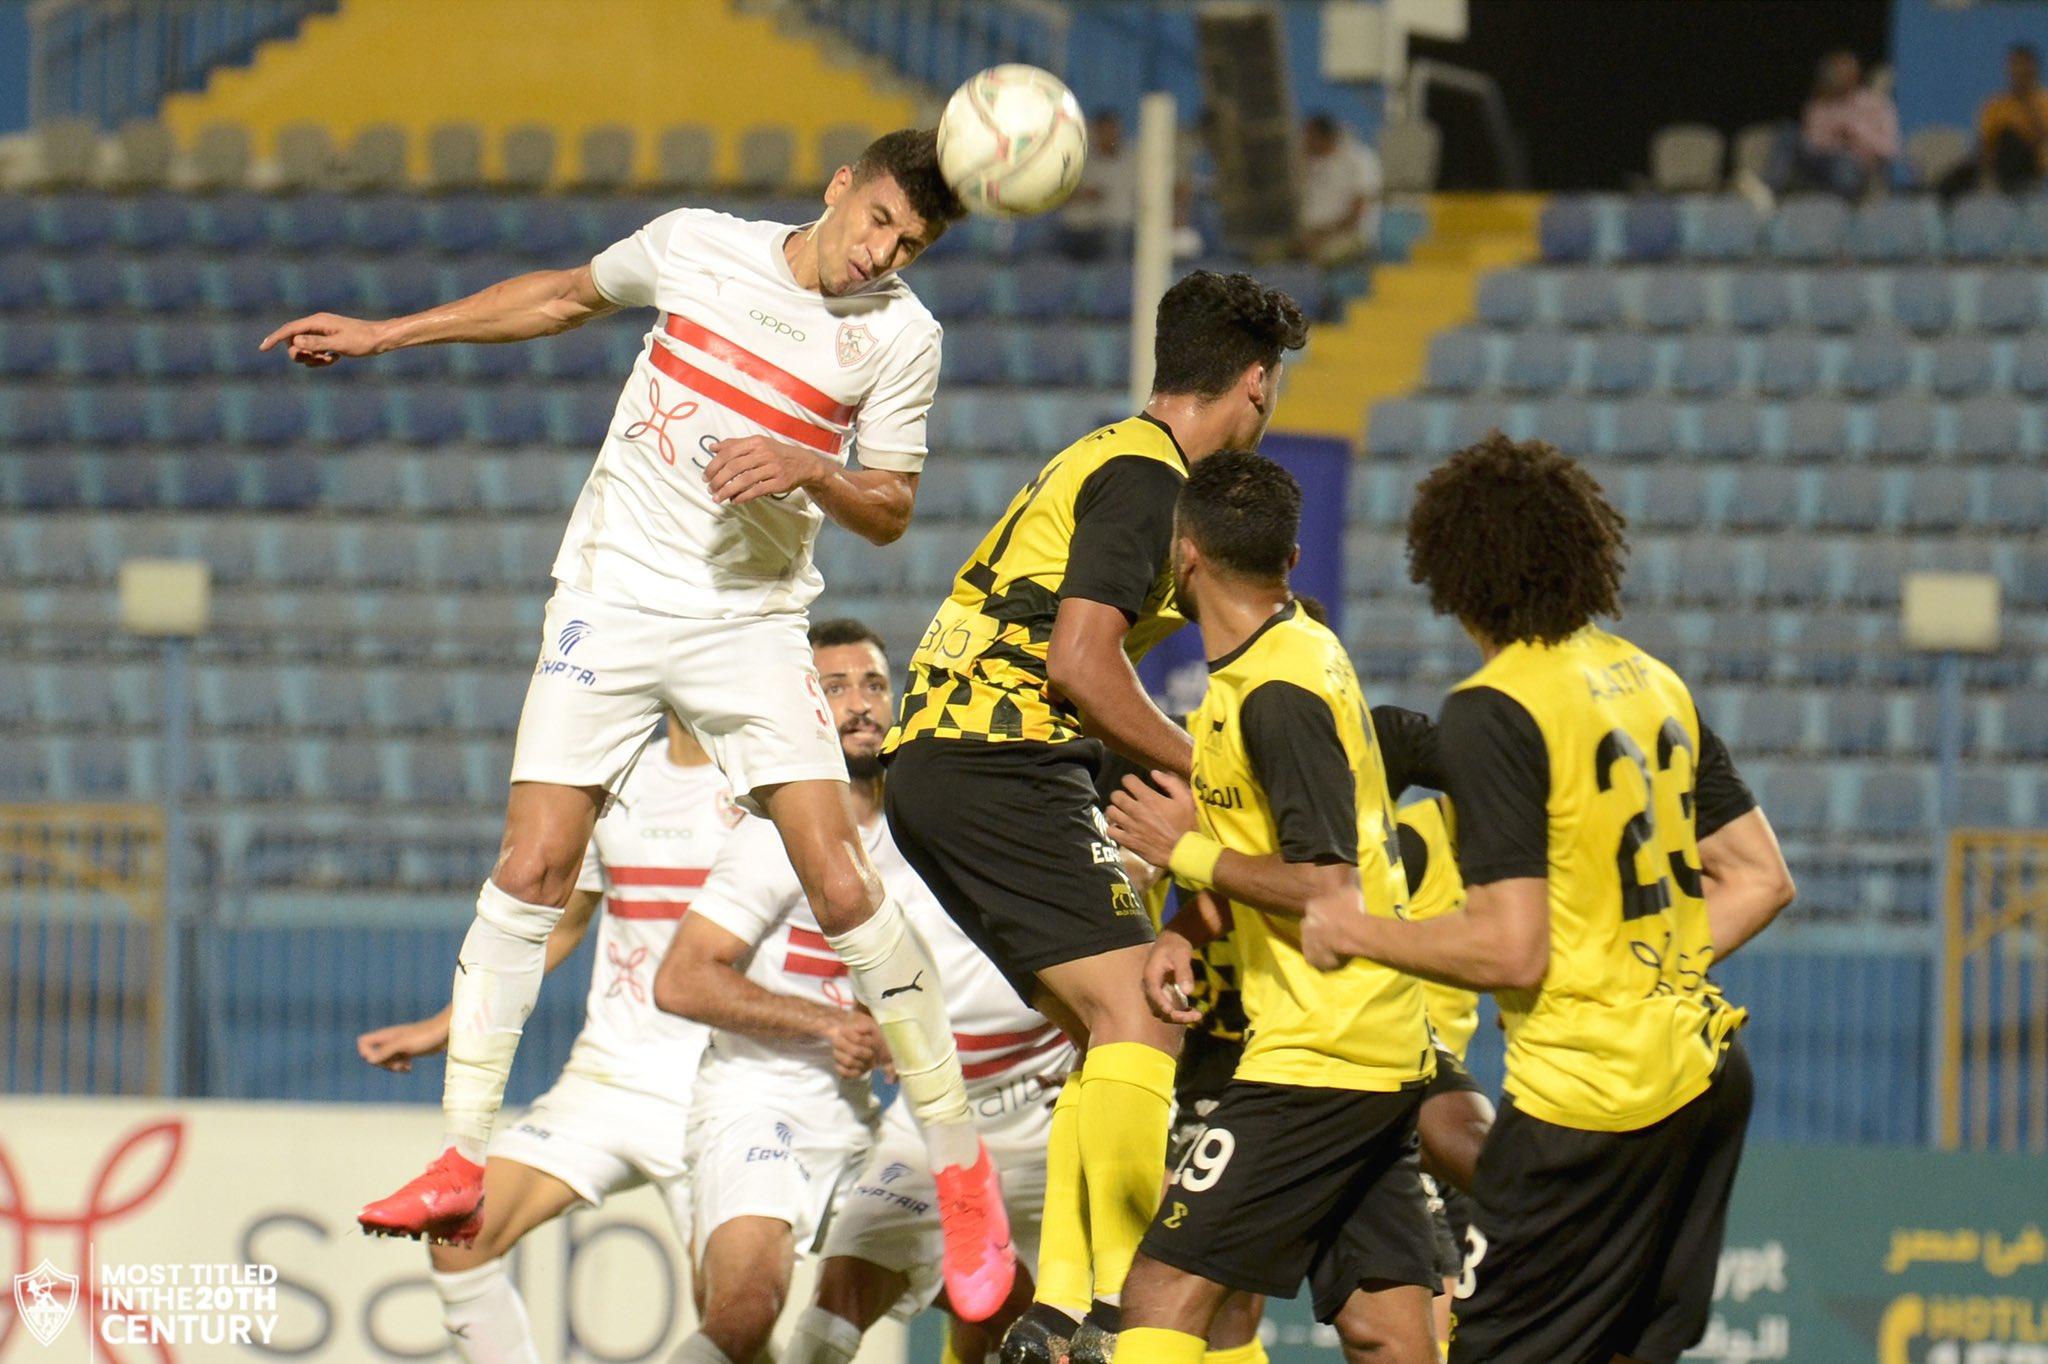 الزمالك ينفرد في صدارة الدوري المصري بعد هزيمة وادي دجلة (فيديو)